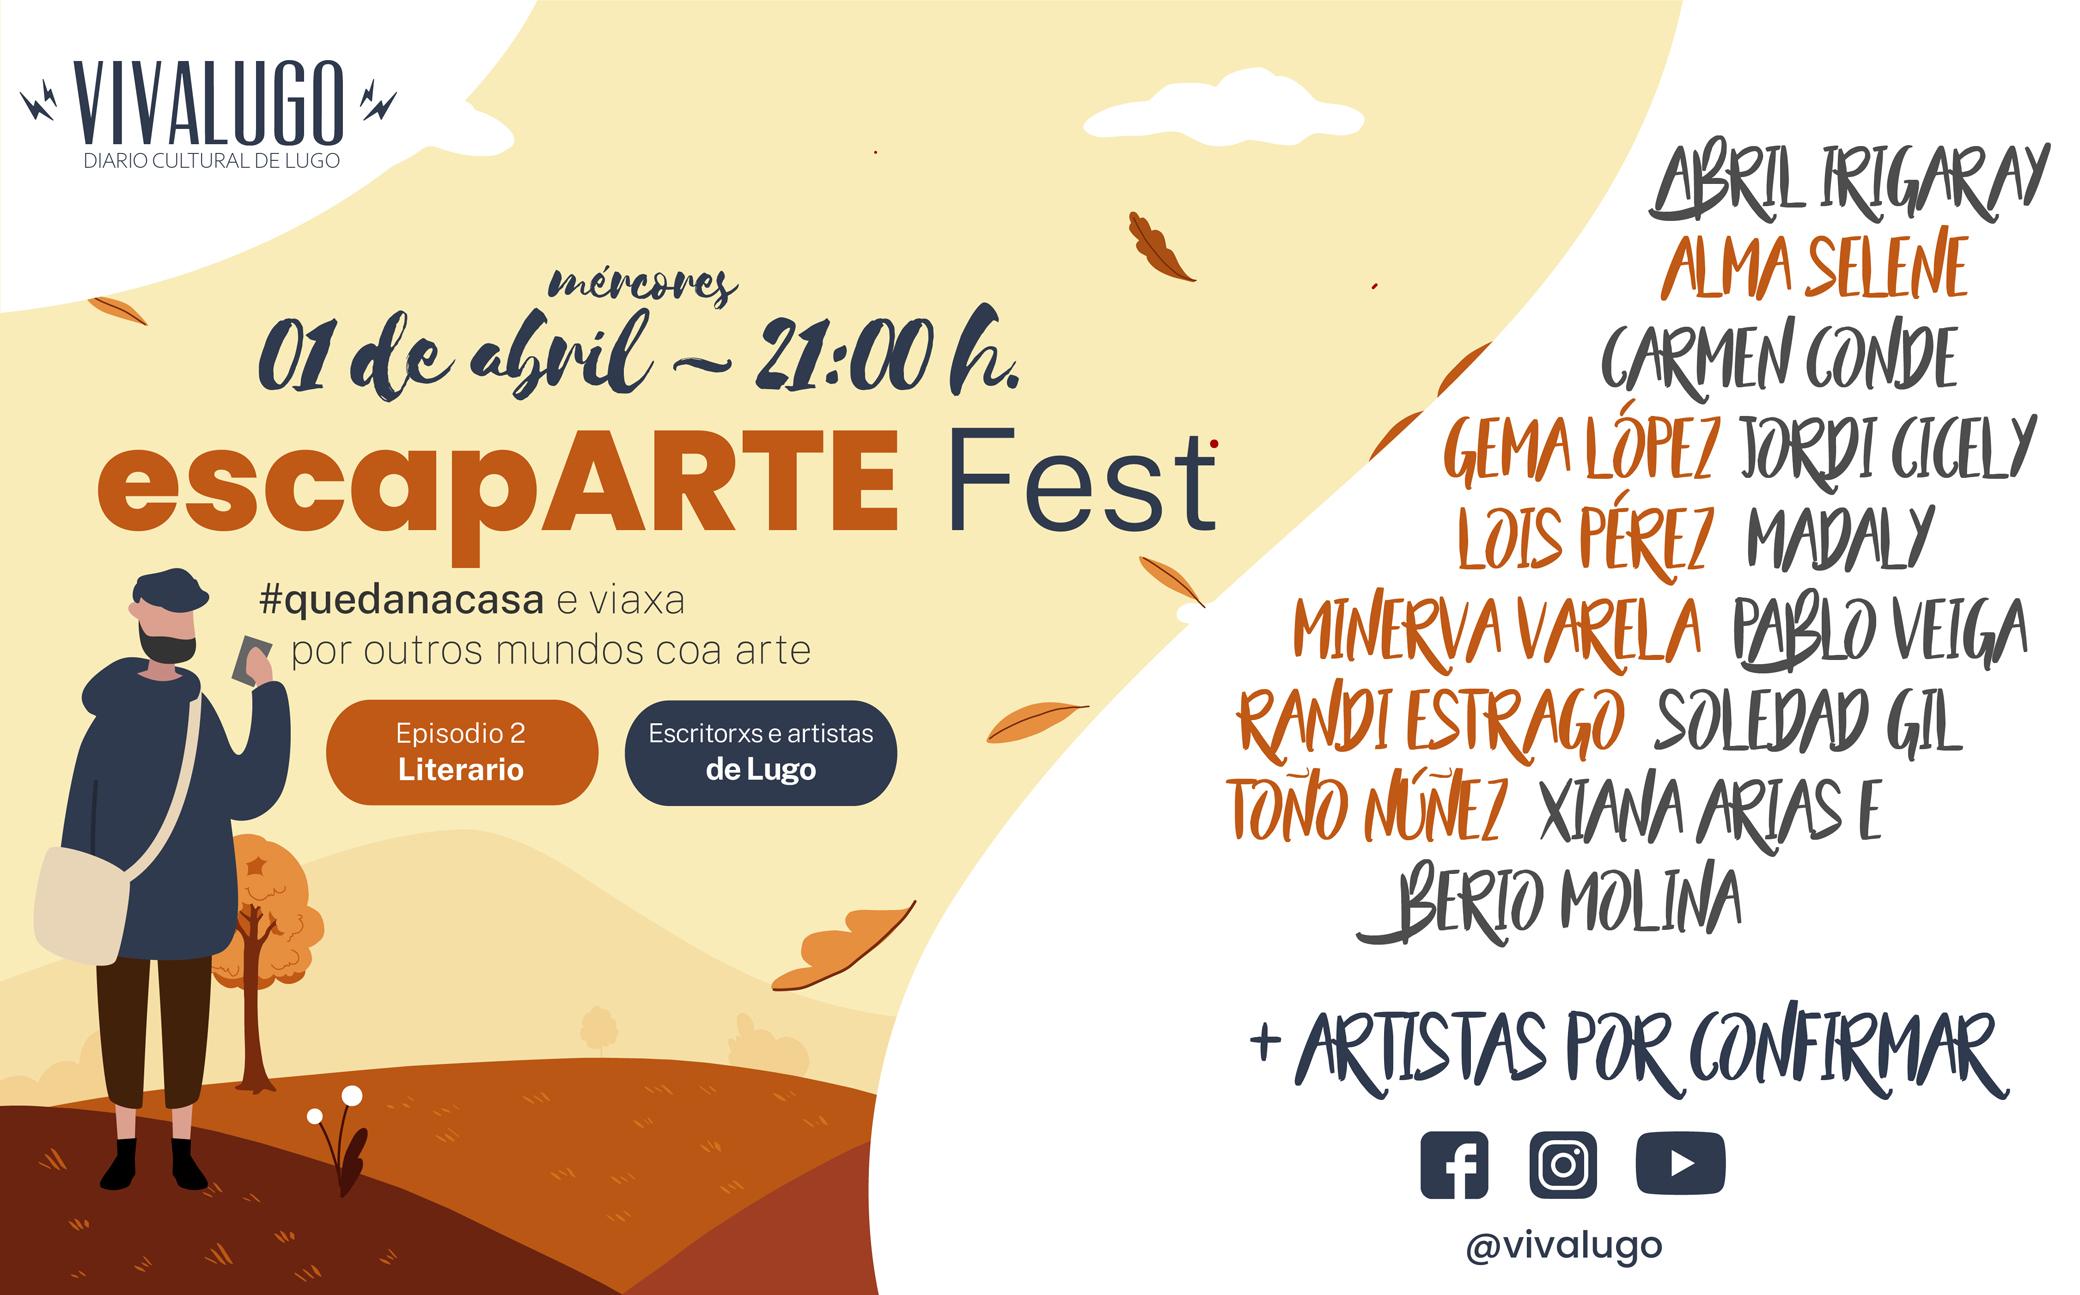 Desde Pontevedra arrinca hoxe o Ánimofest mentres en Lugo organizan o EscapARTE Fest